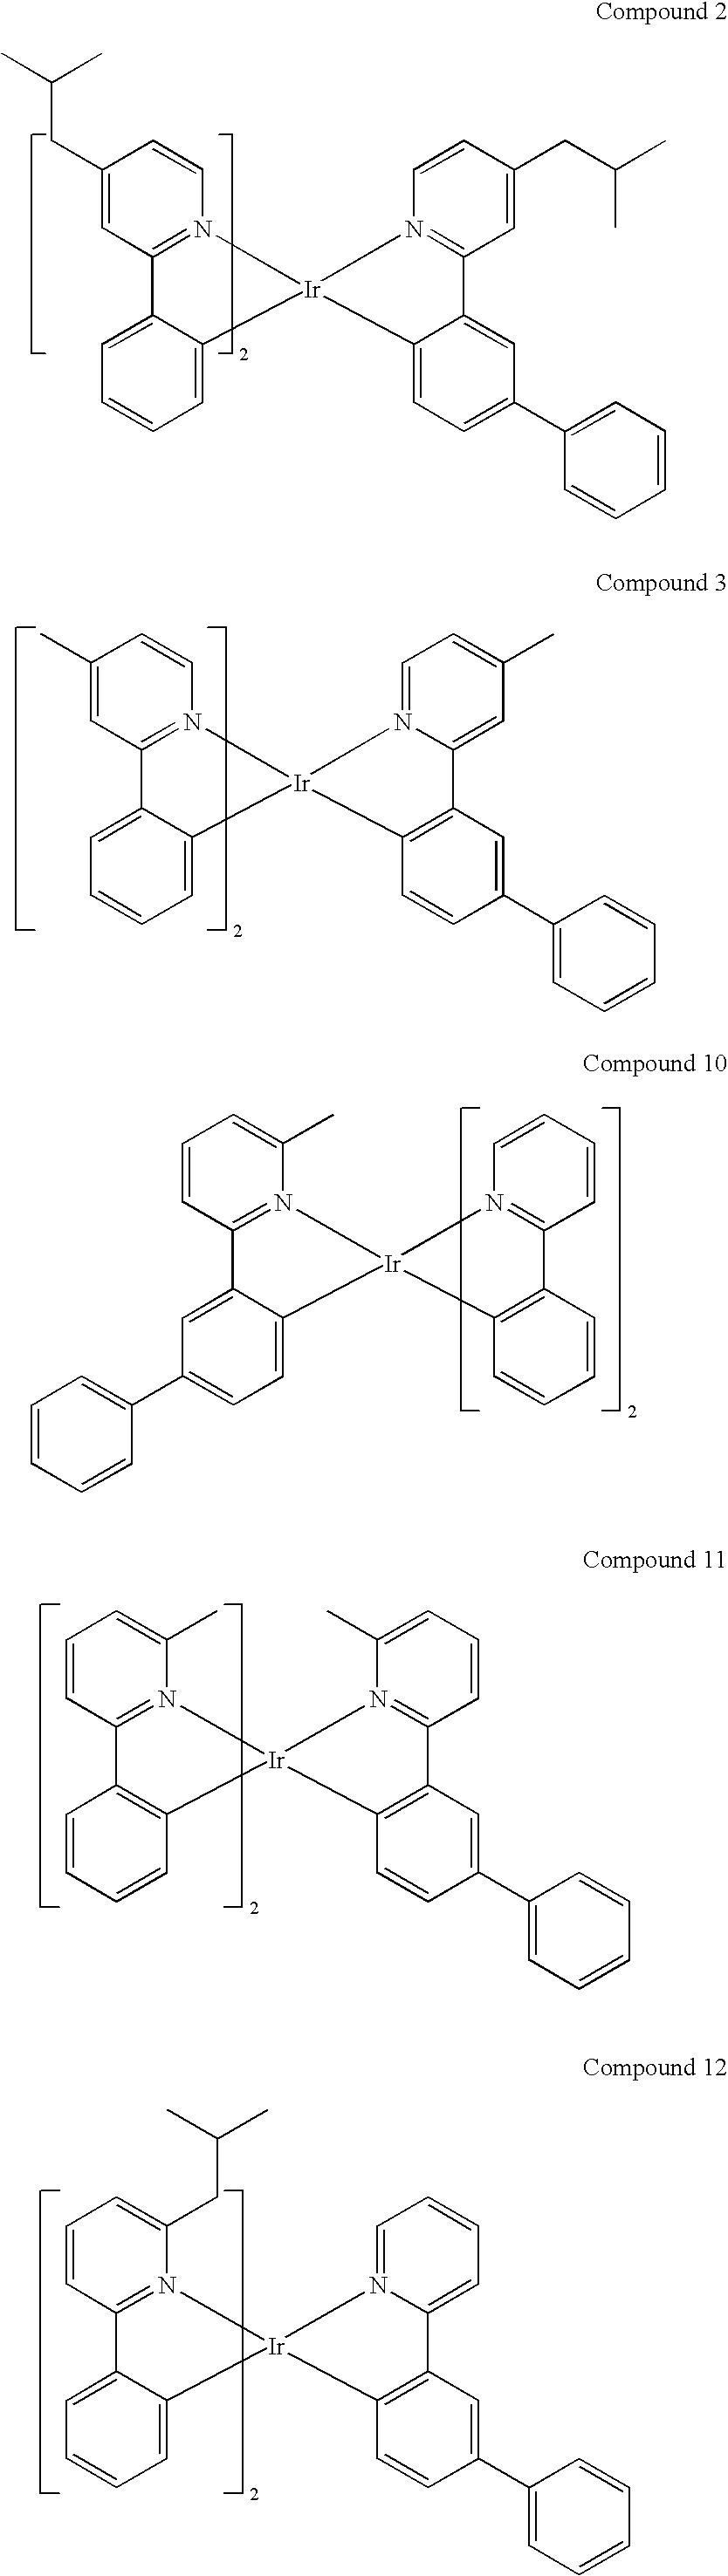 Figure US20090108737A1-20090430-C00021